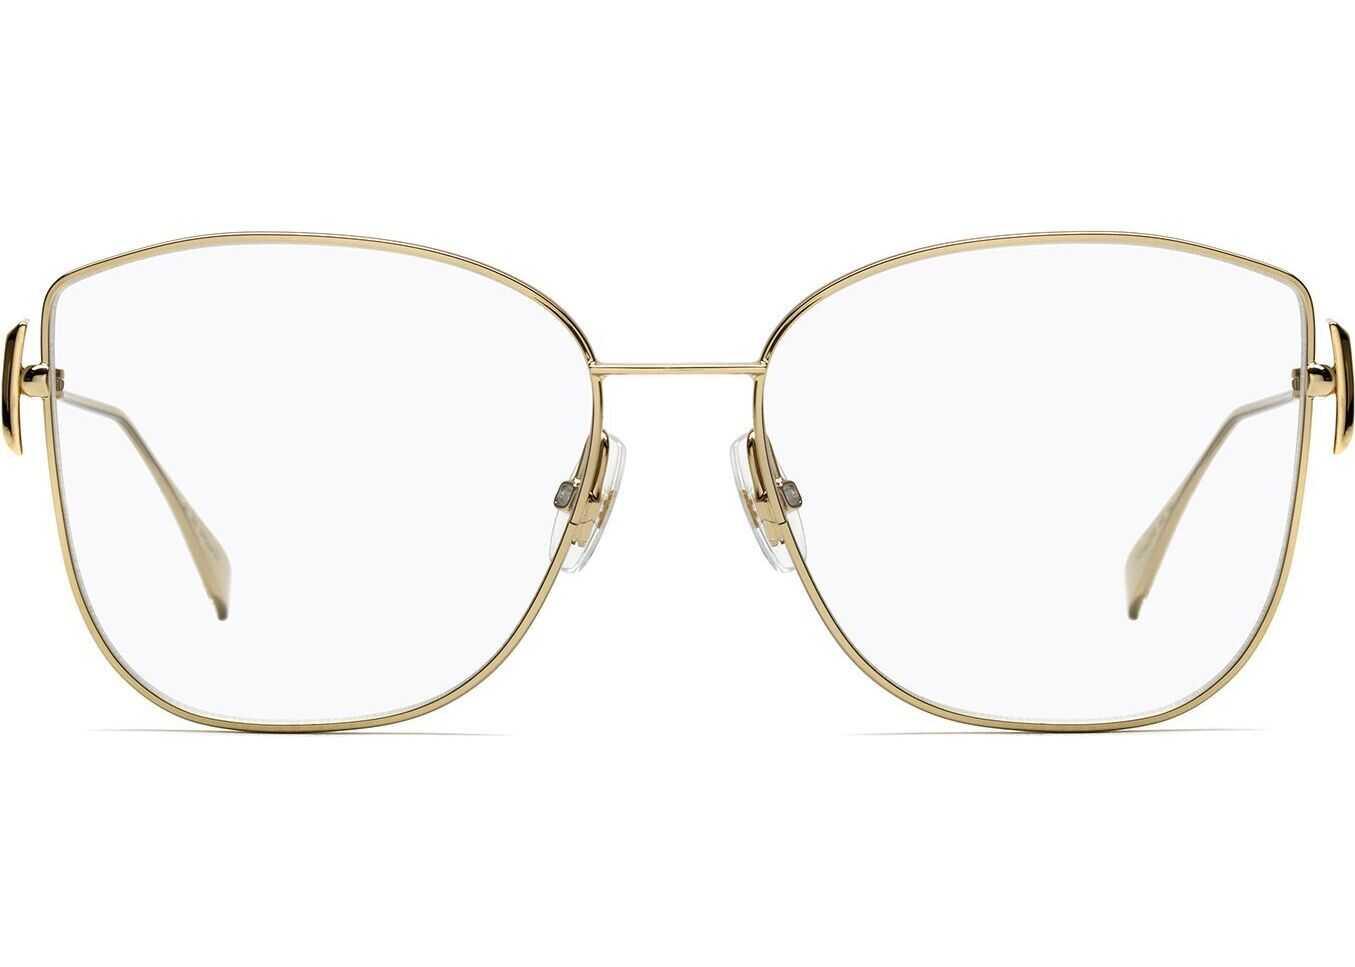 Fendi Metal Glasses thumbnail